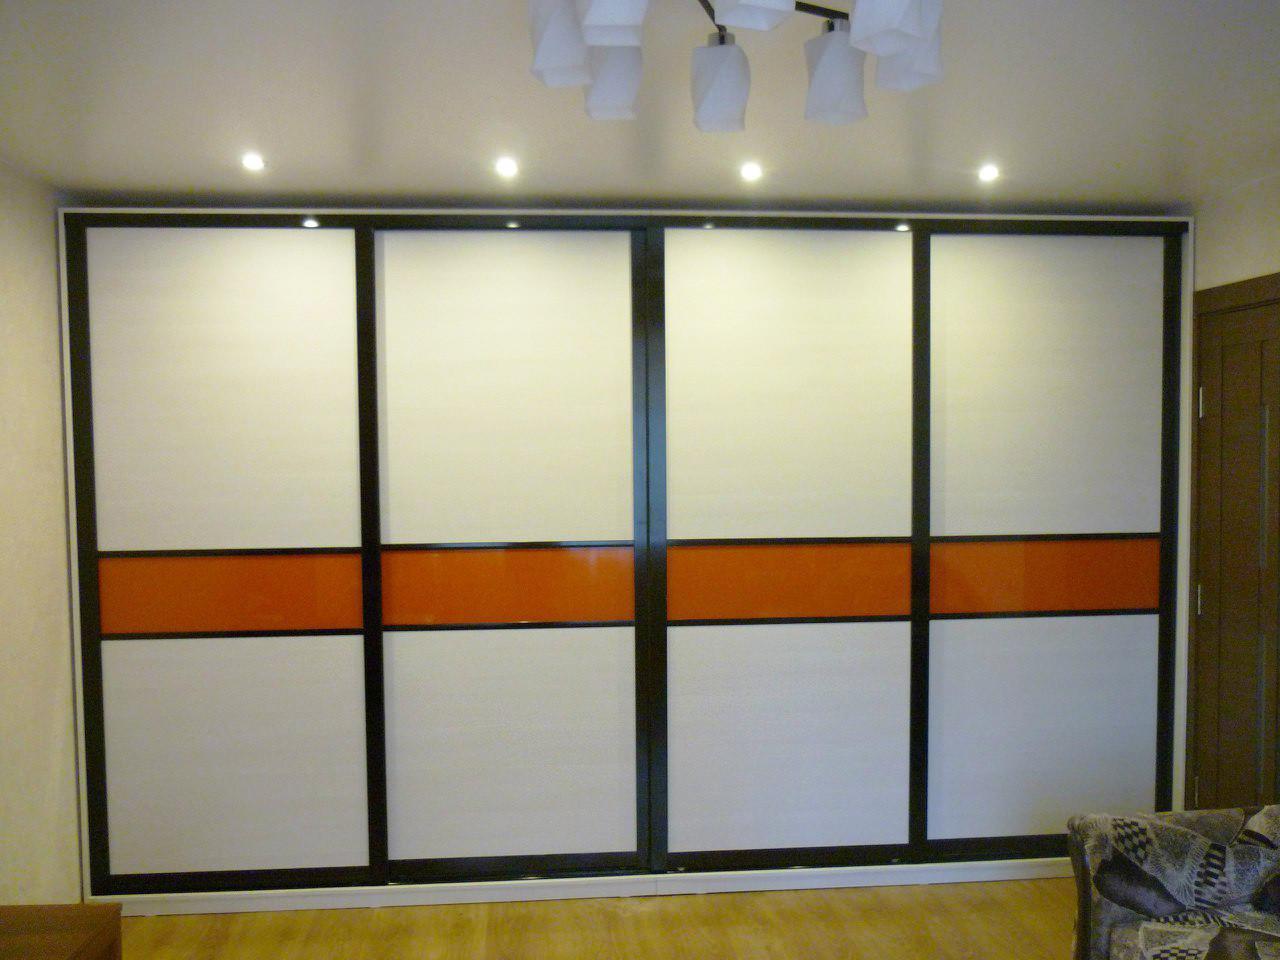 Шкаф-купе четырехдверный с декоративными вставками оранжевого цвета